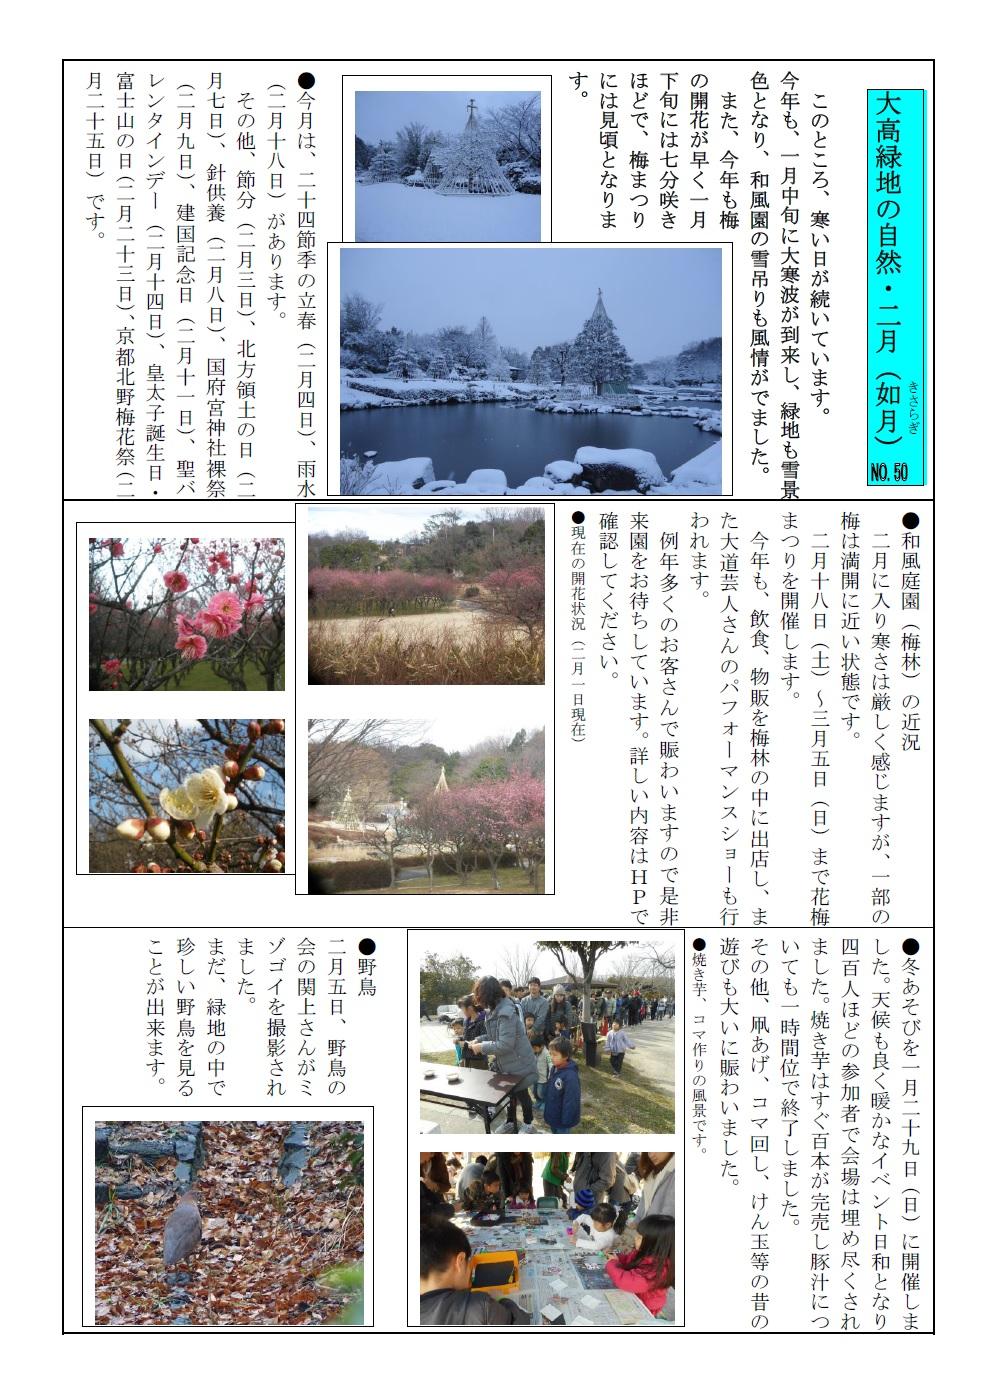 大高緑地の自然・29年2月